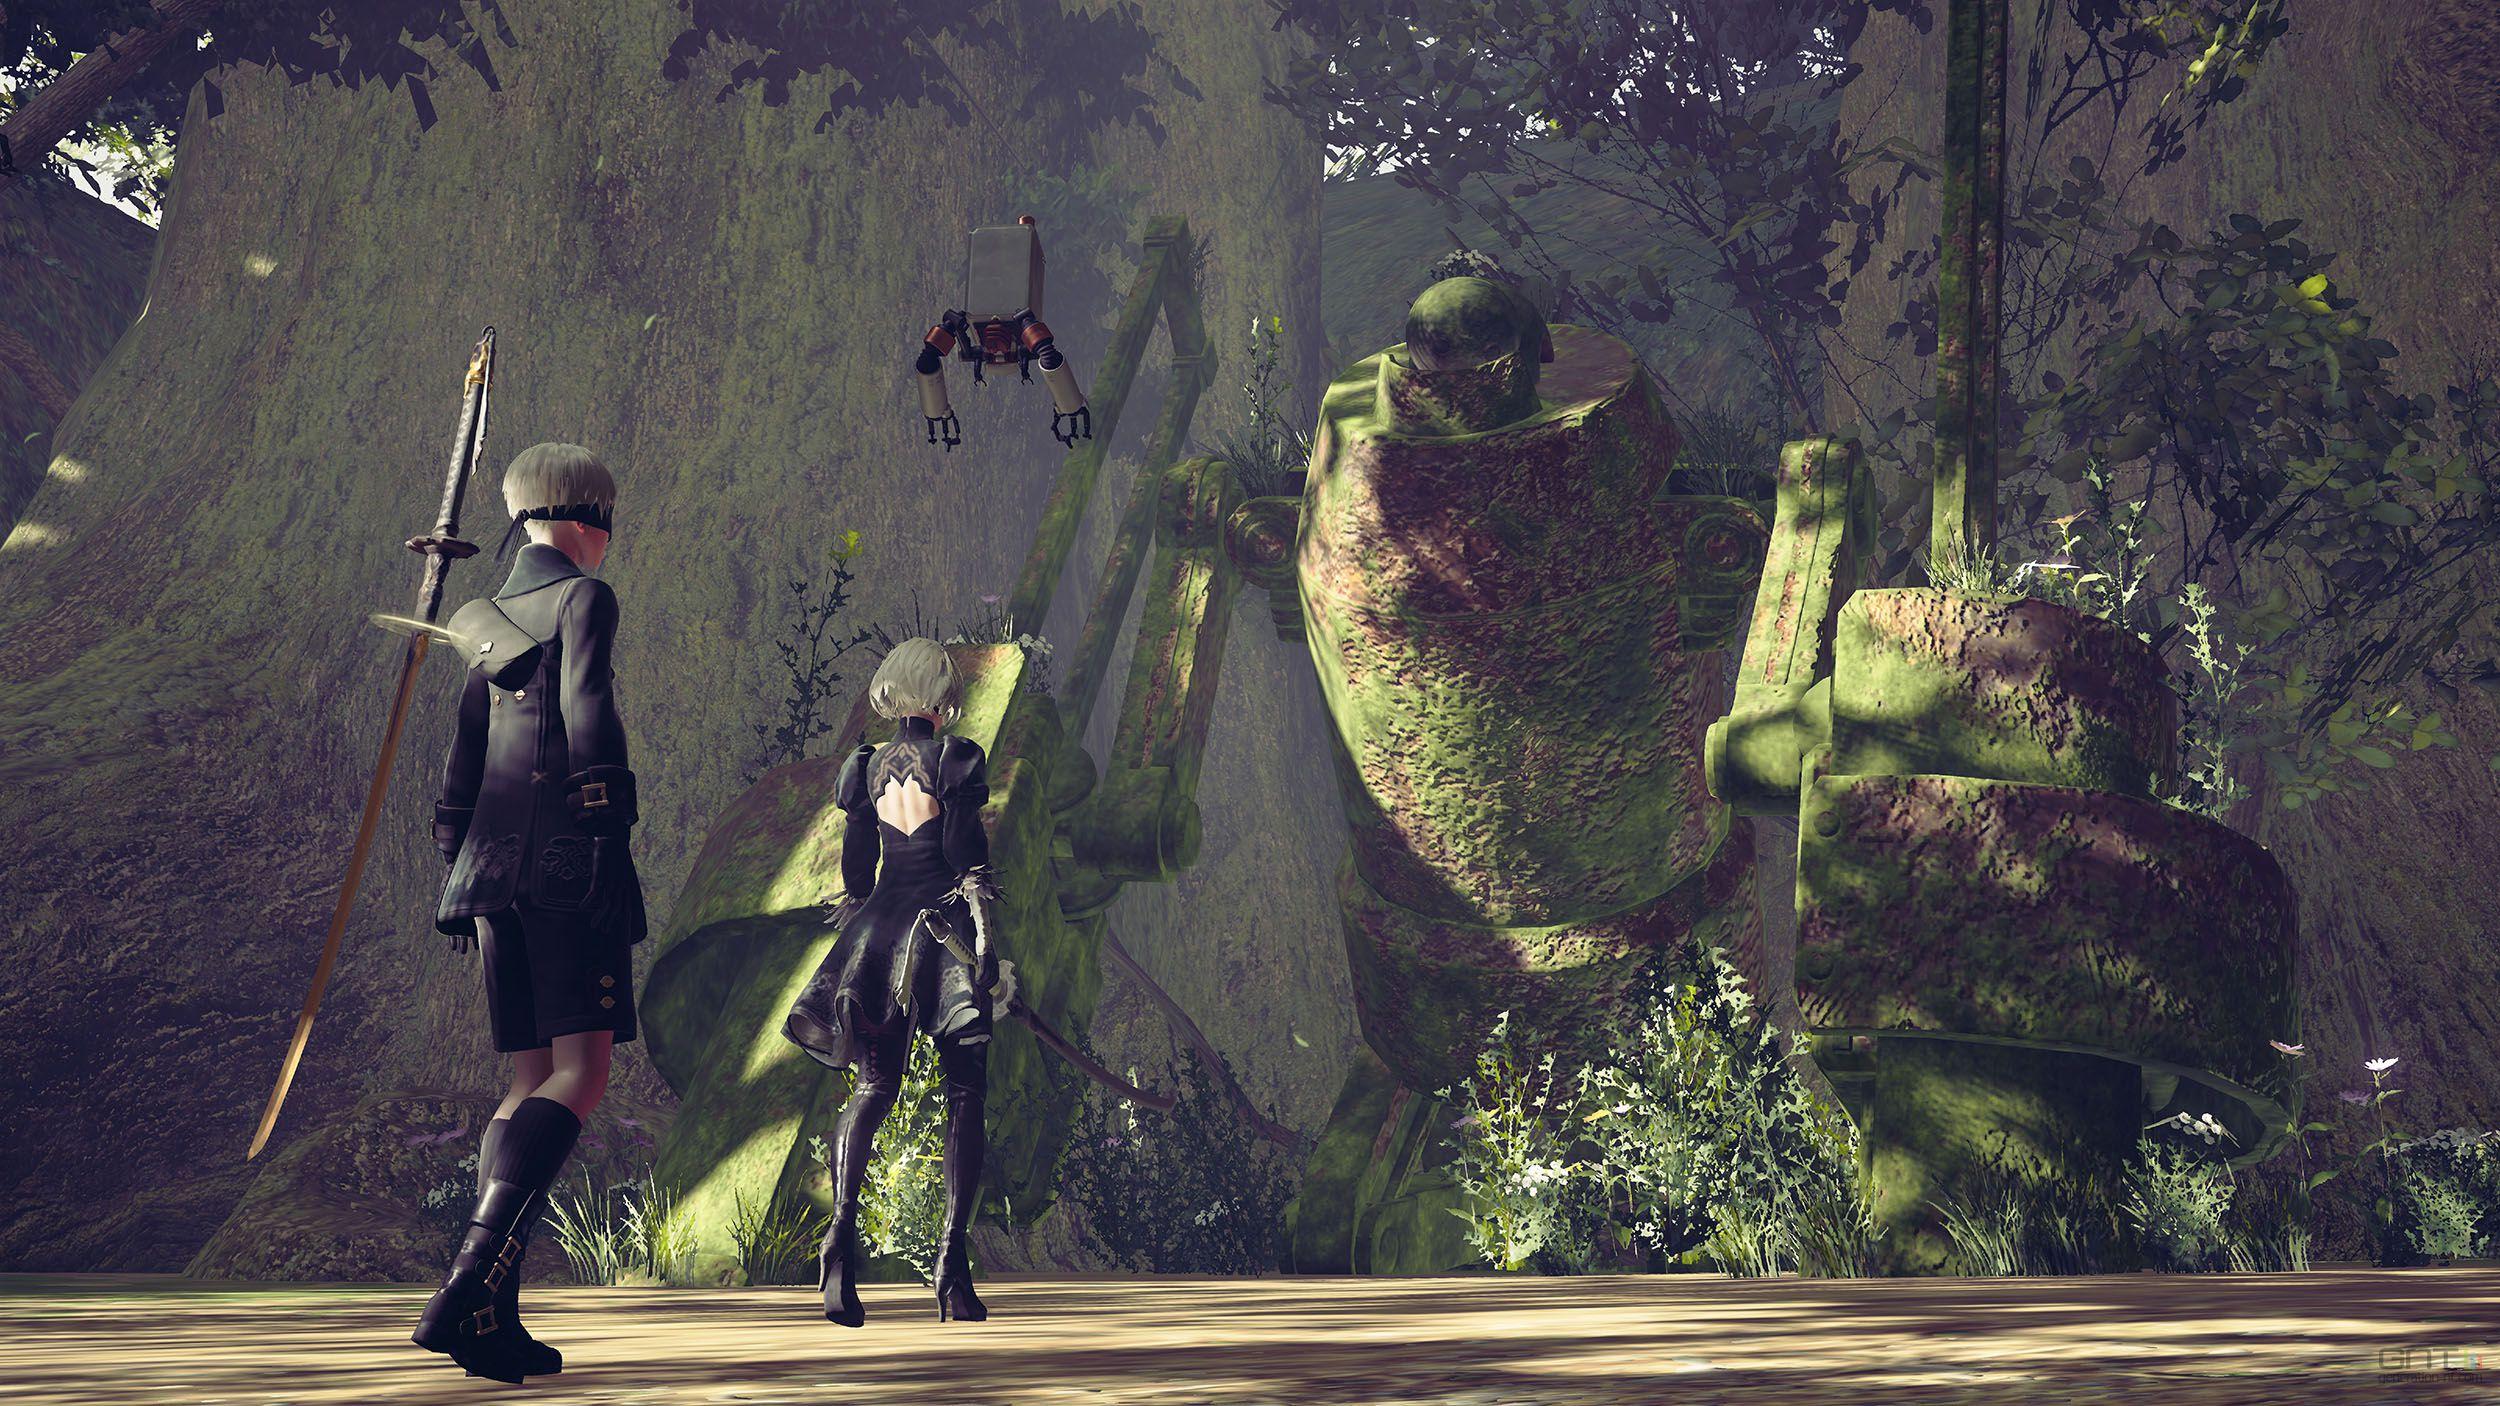 Image d'une forêt dans le jeu vidéo NieR:Automata